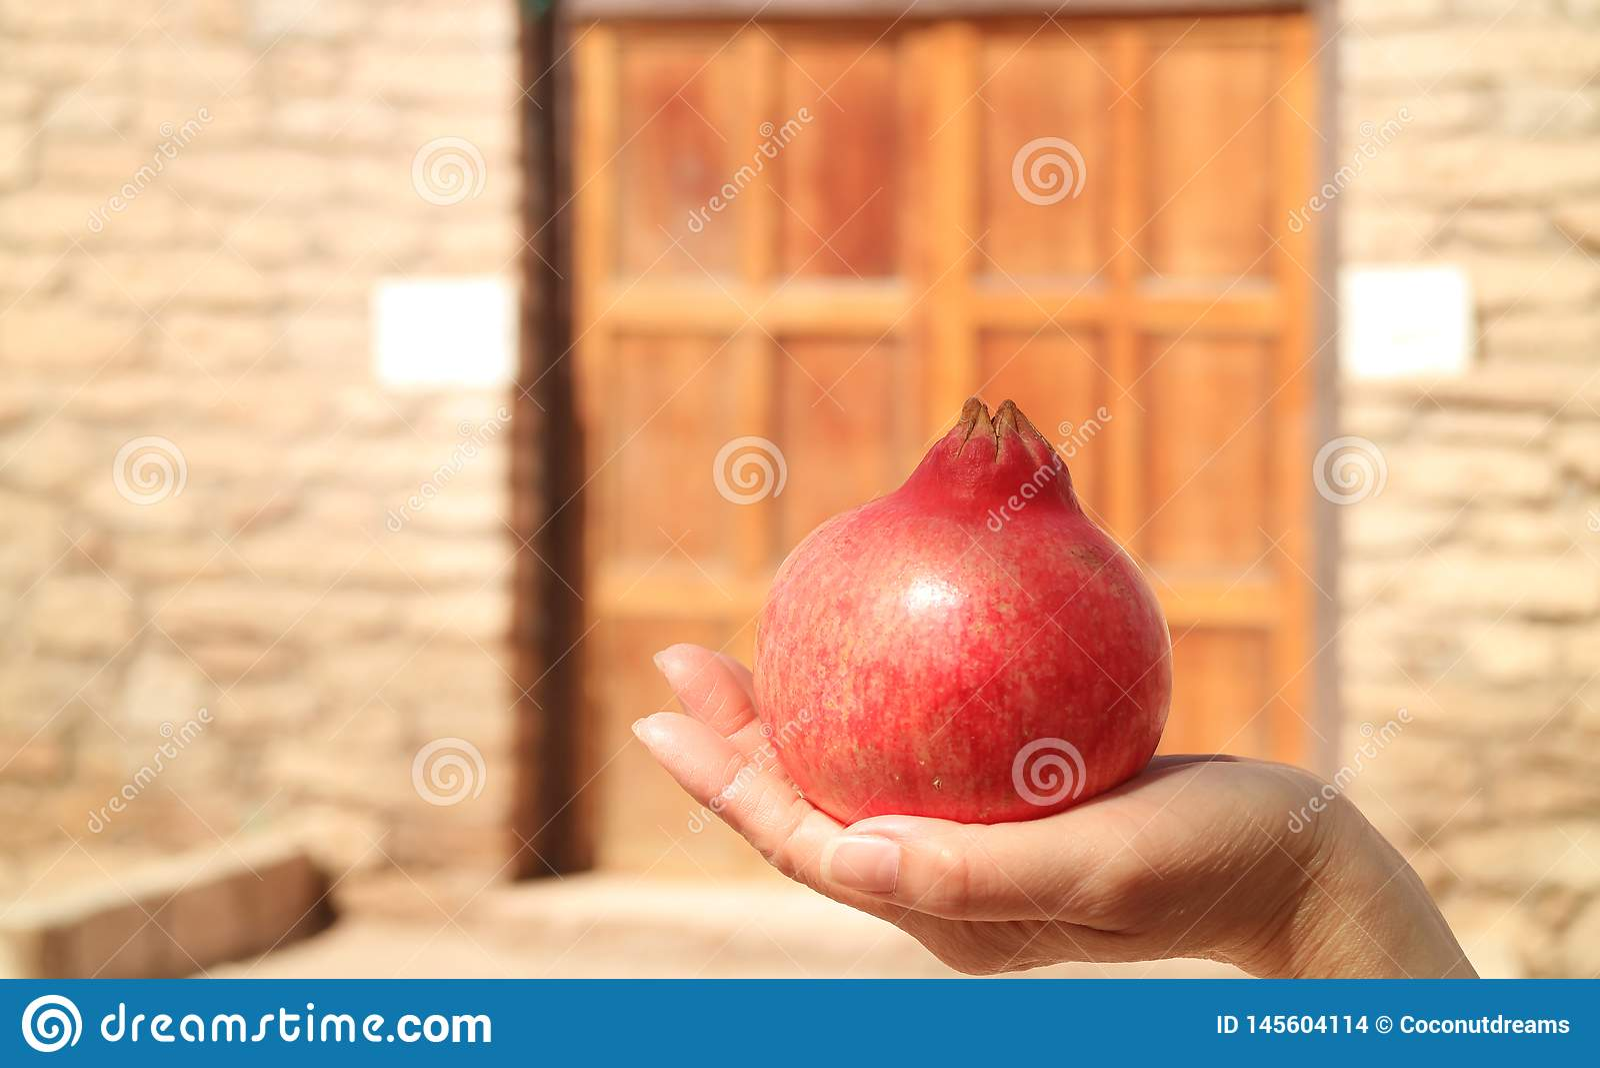 关闭在妇女手上的一个新鲜的成熟智利石榴